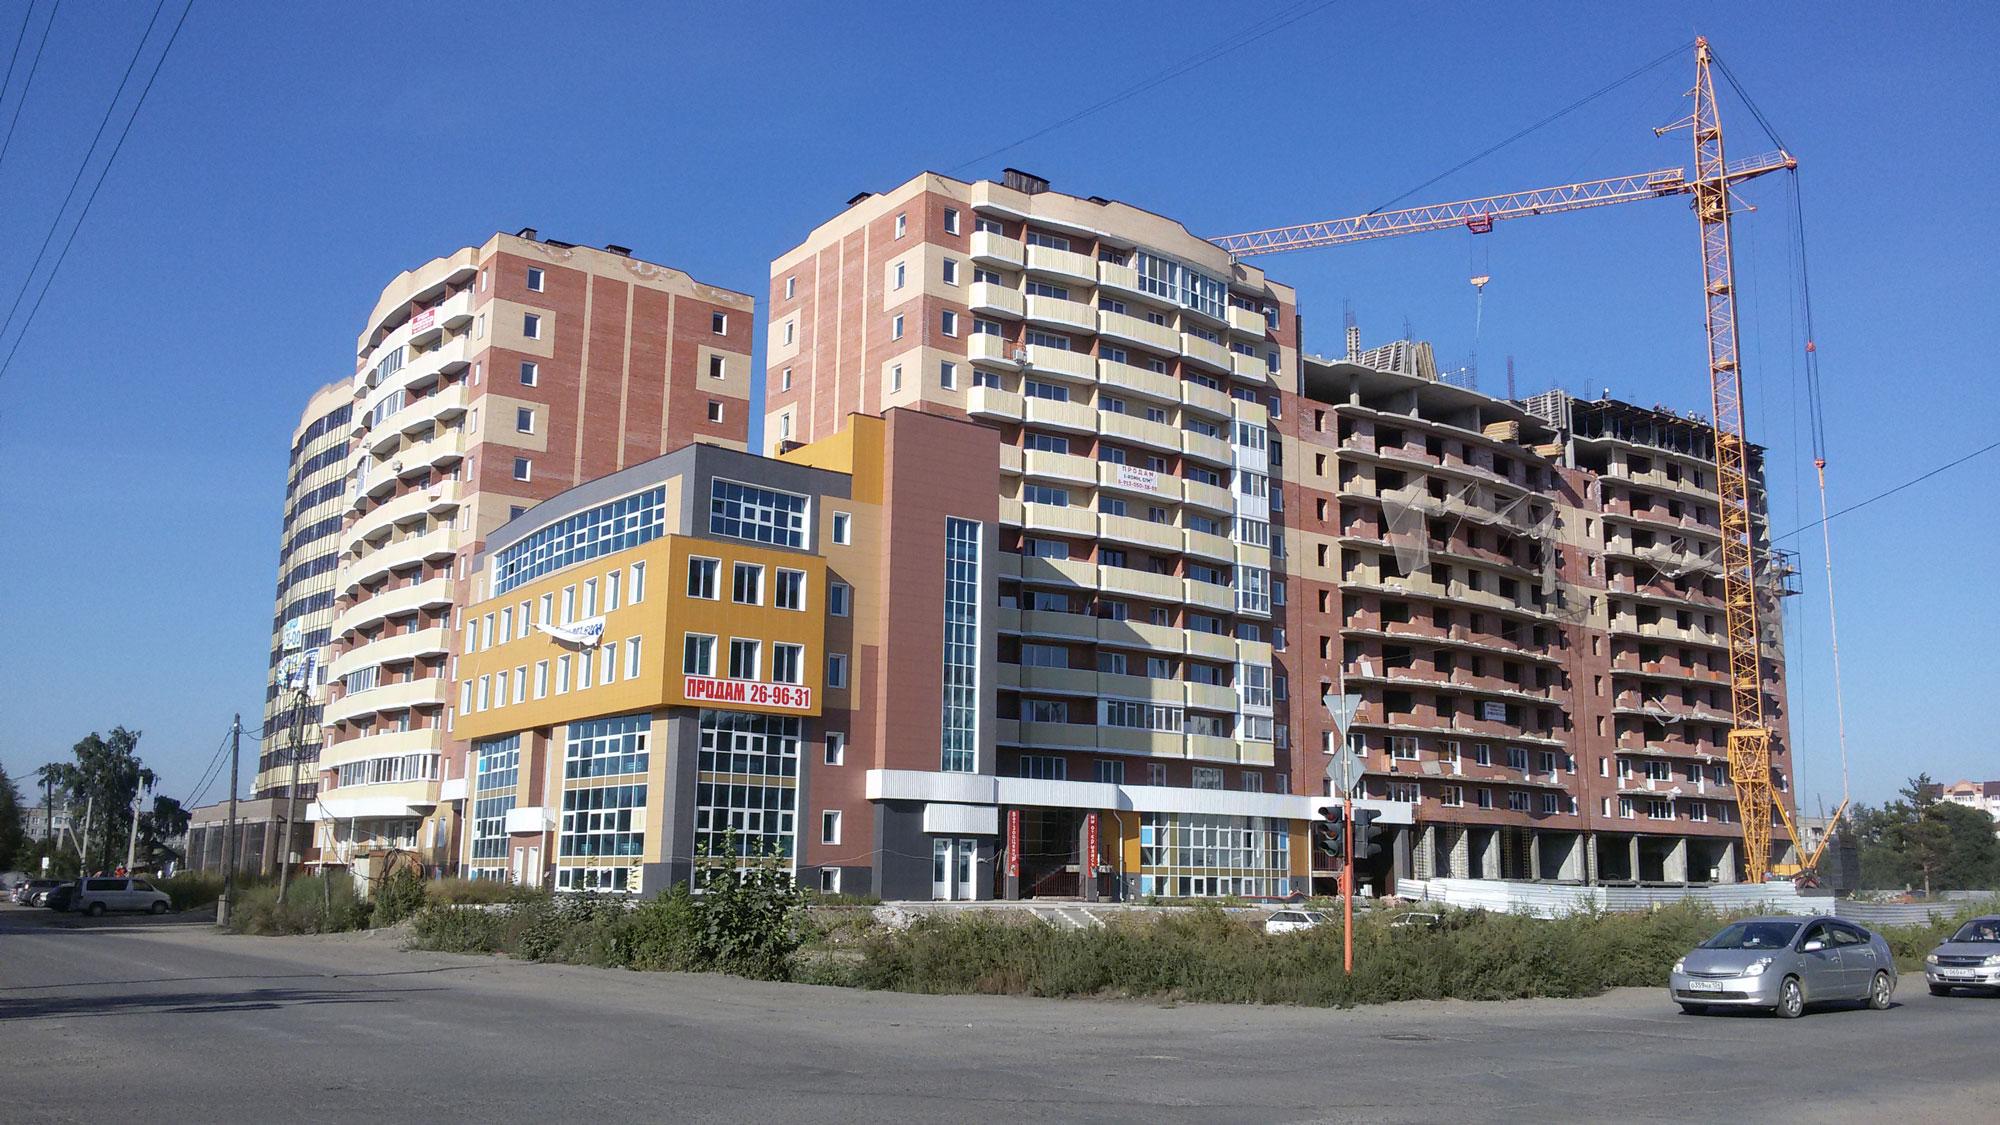 Жилой дом со встроенно-пристроенными нежилыми помещениями по ул. Кирова в г. Абакане